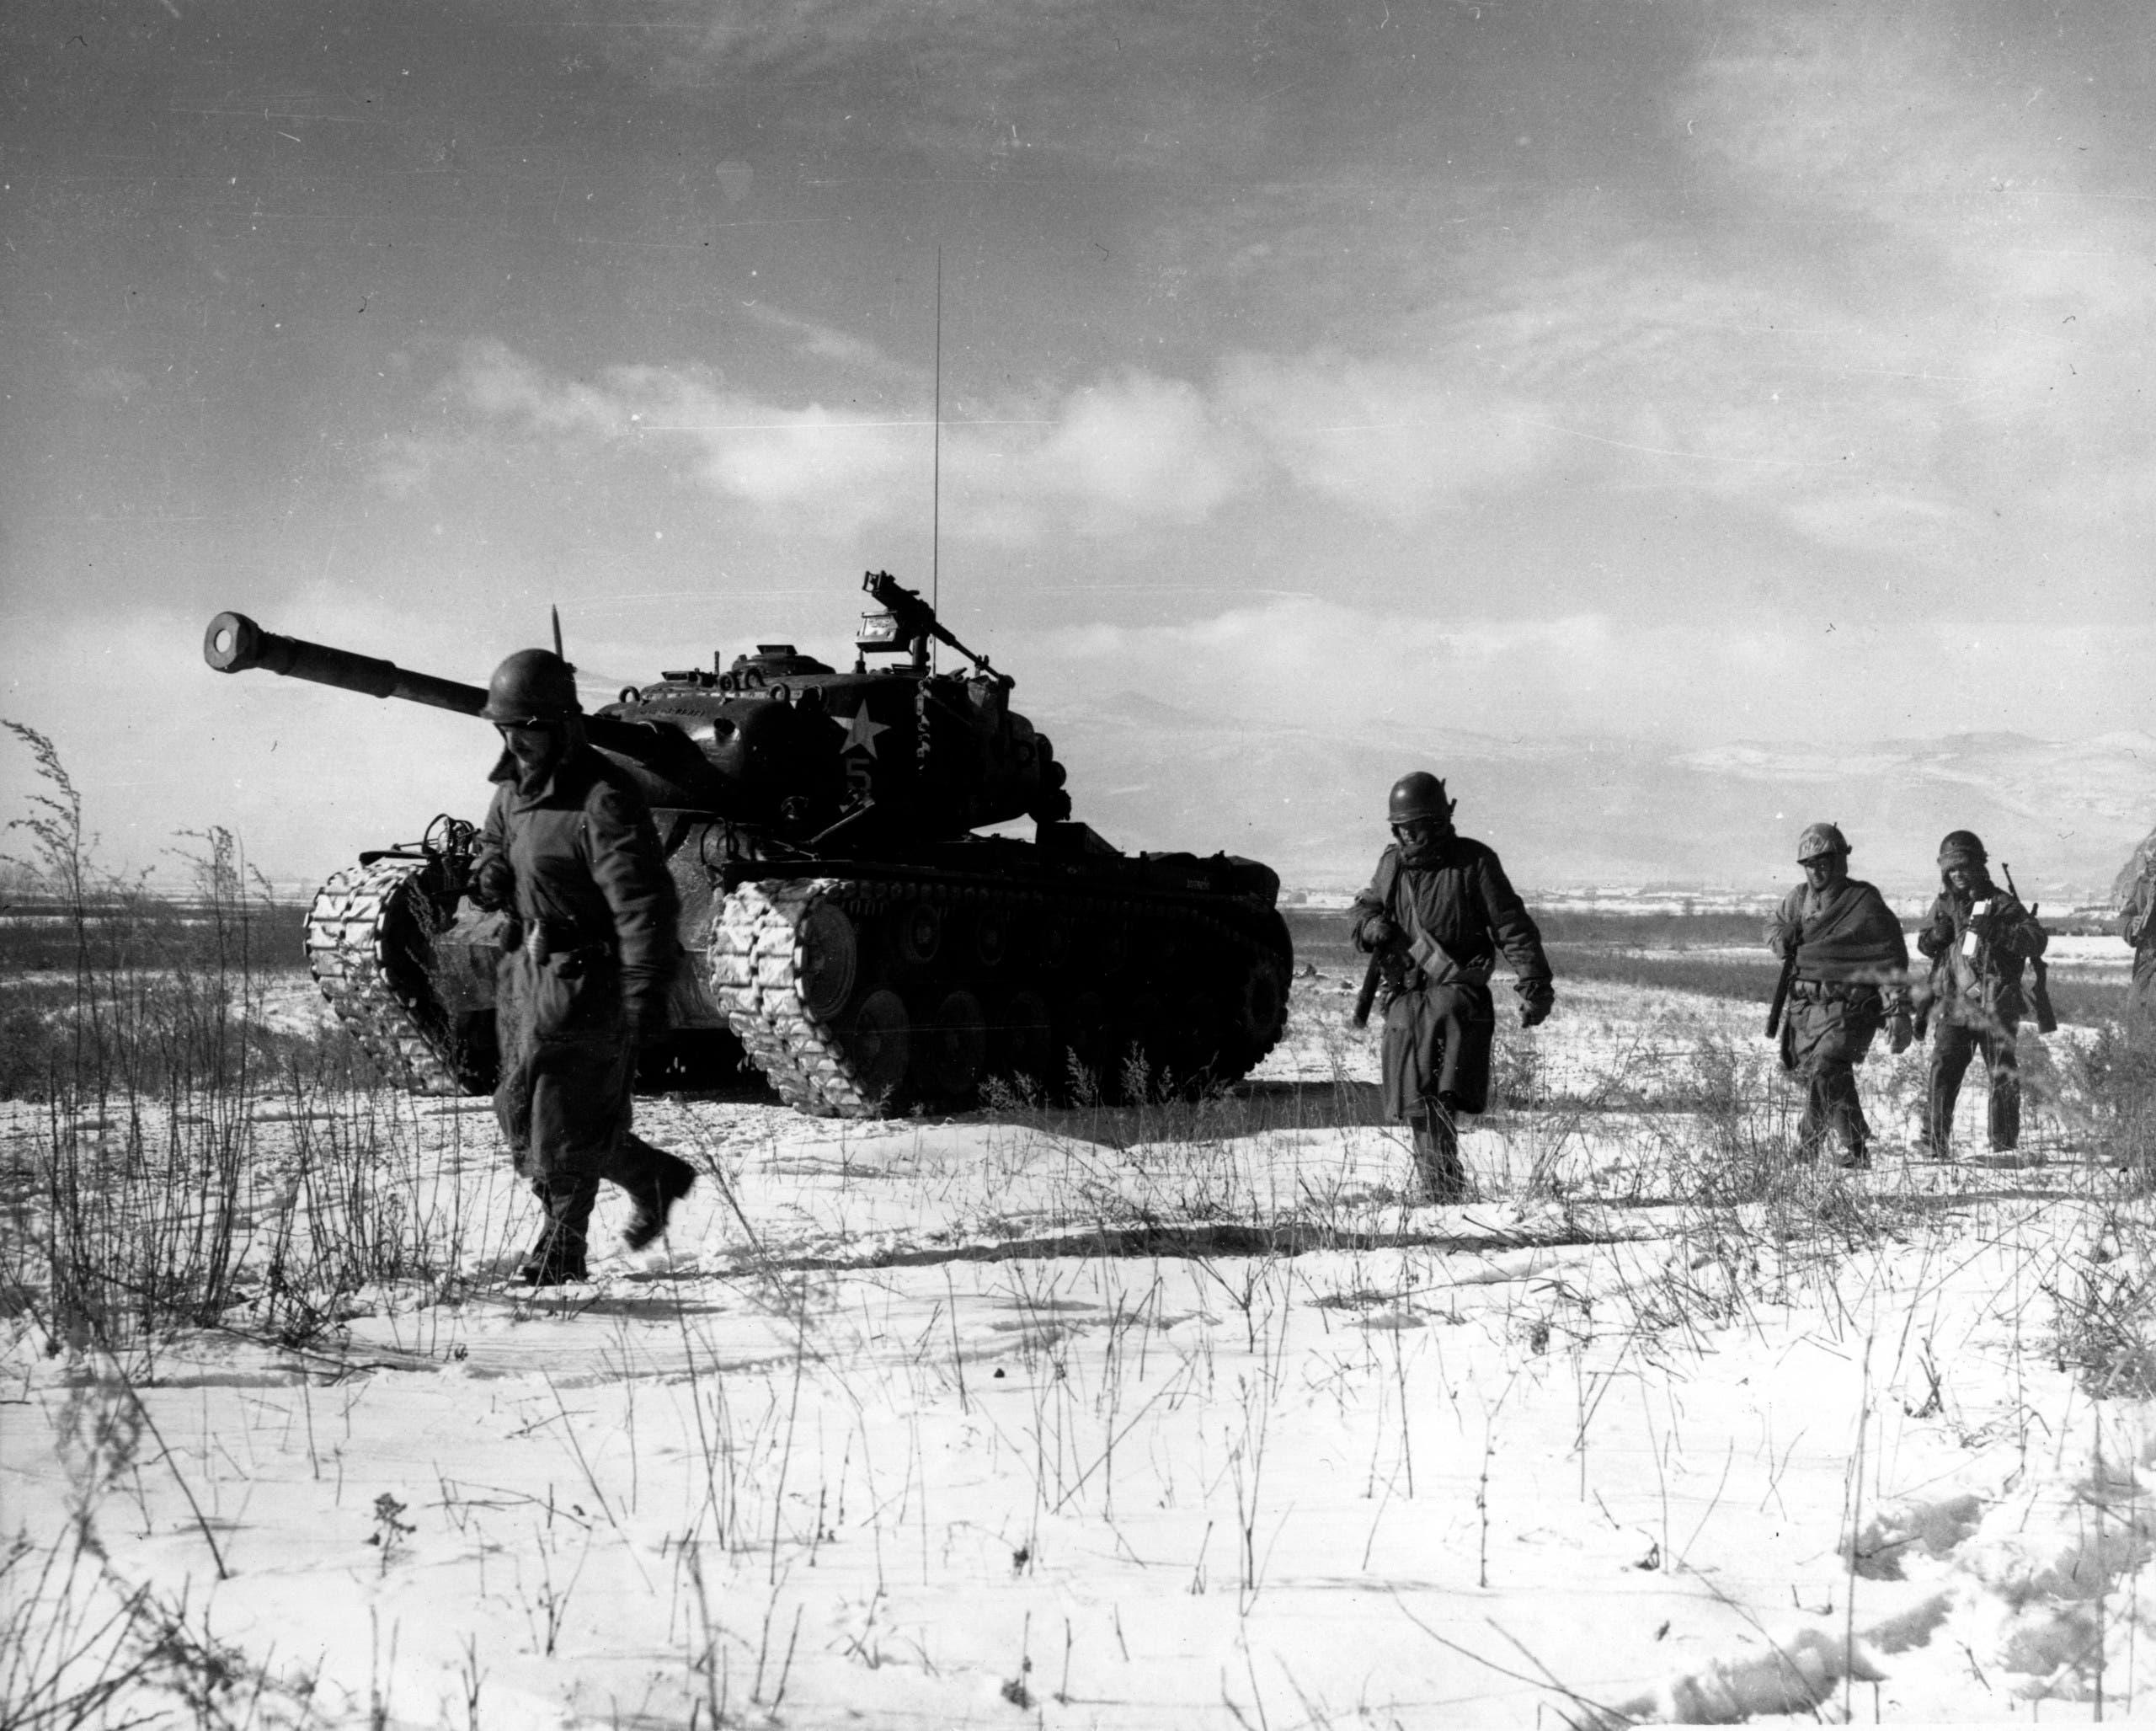 جانب من القوات الأميركية التي شاركت بالحرب الكورية